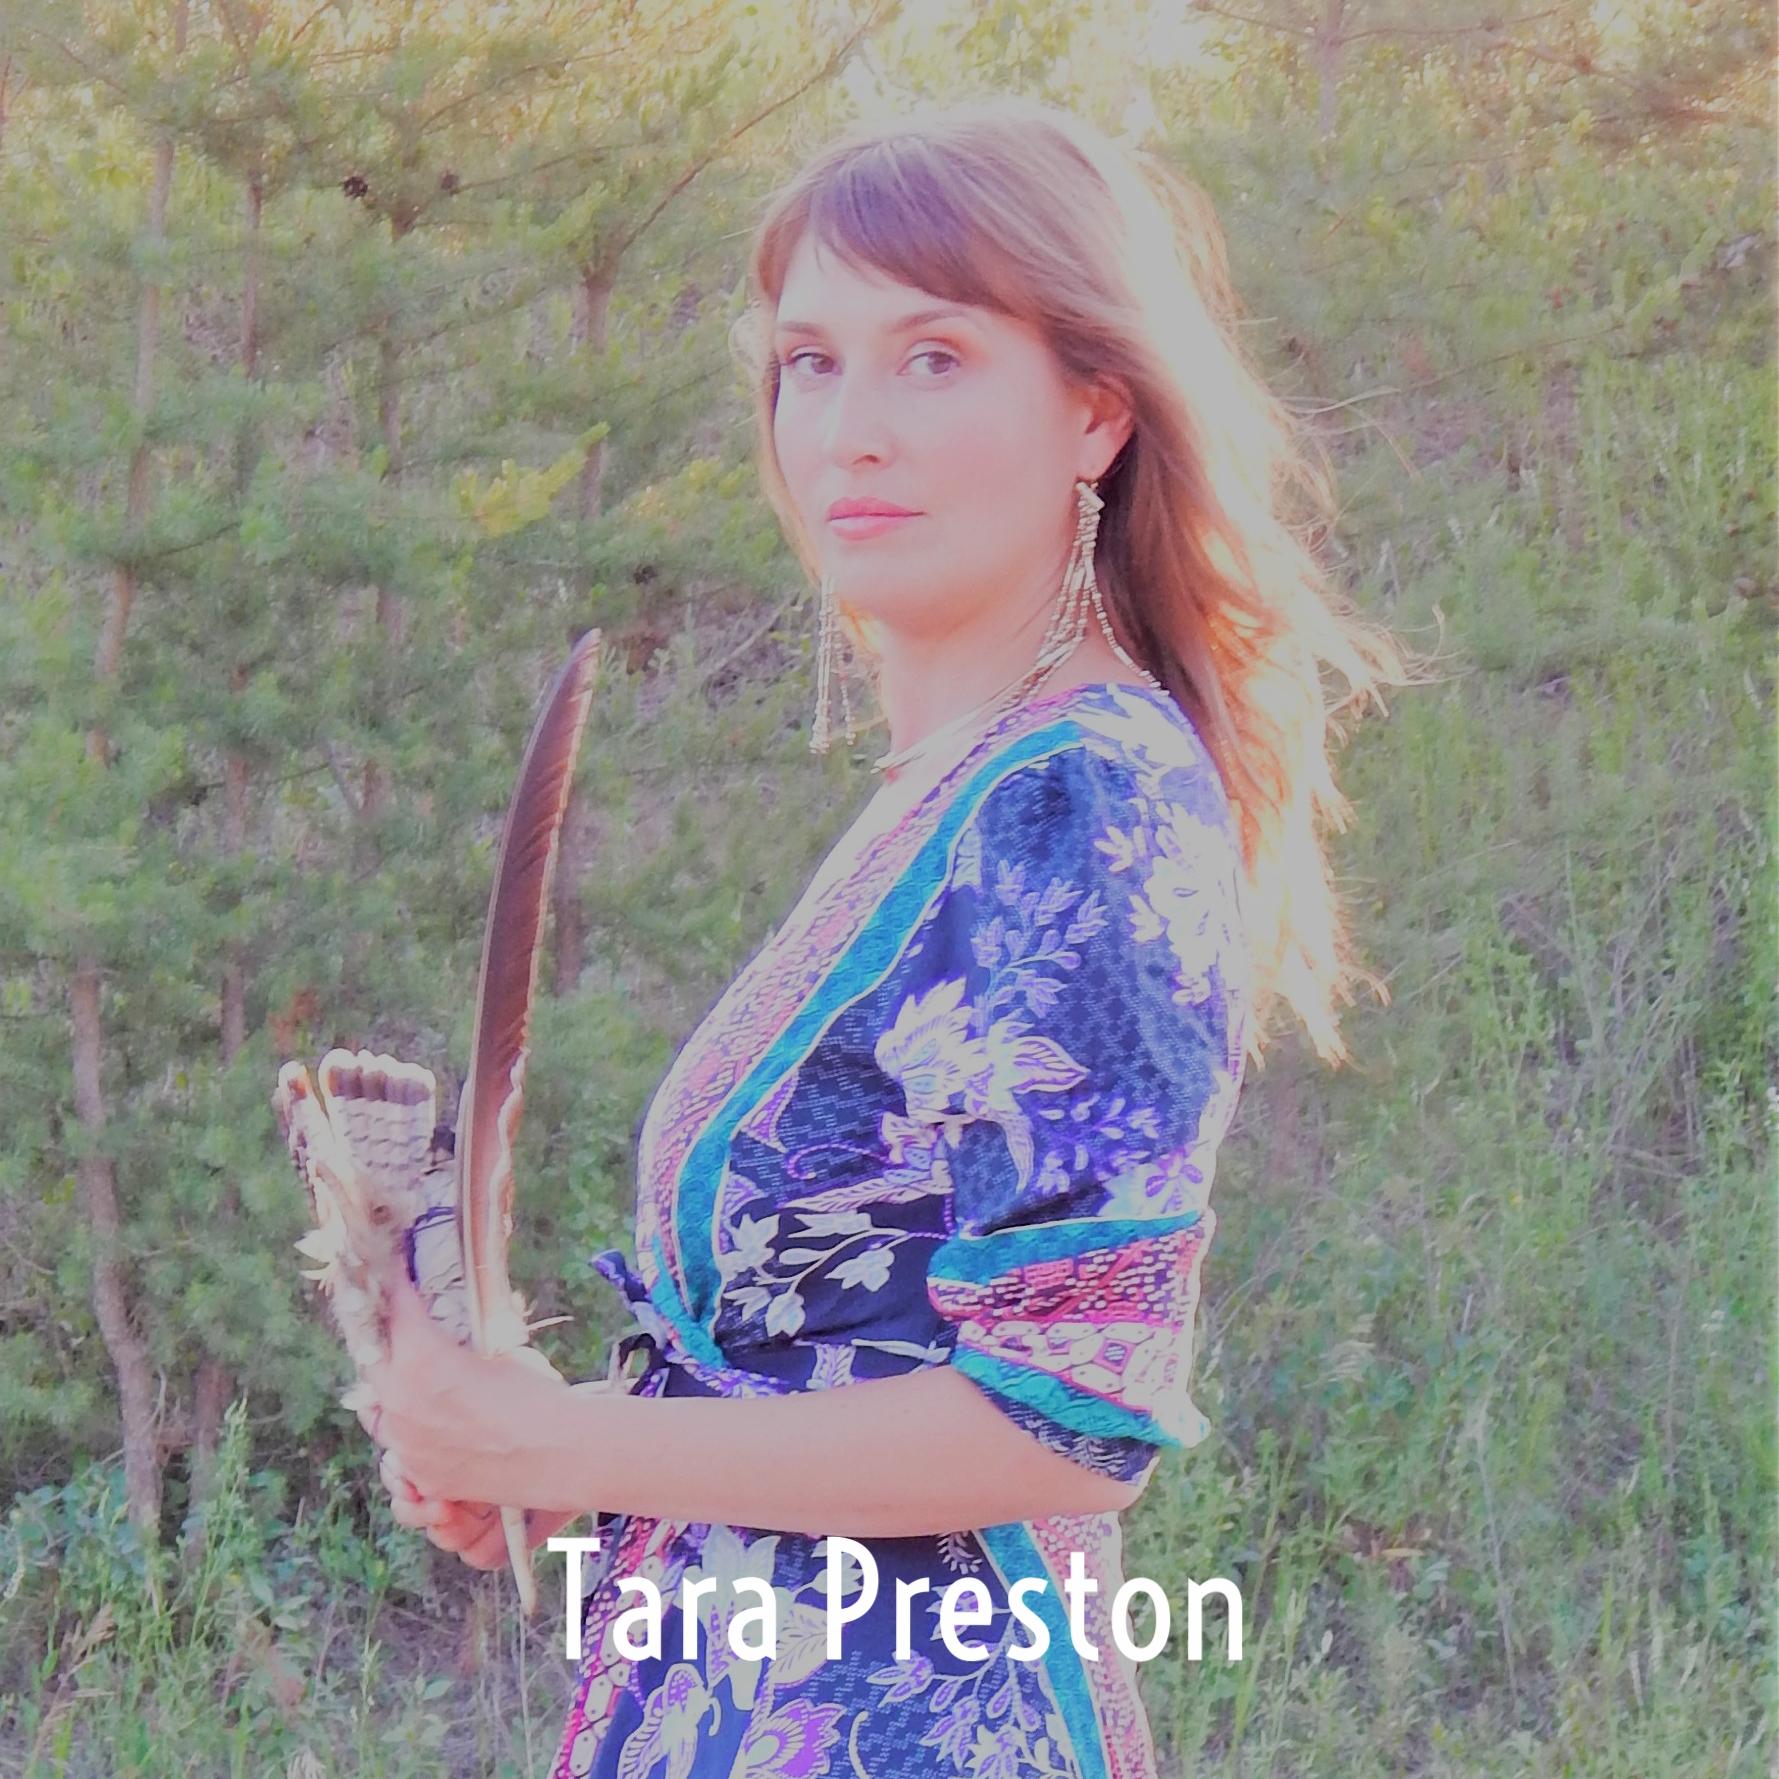 Tara Preston